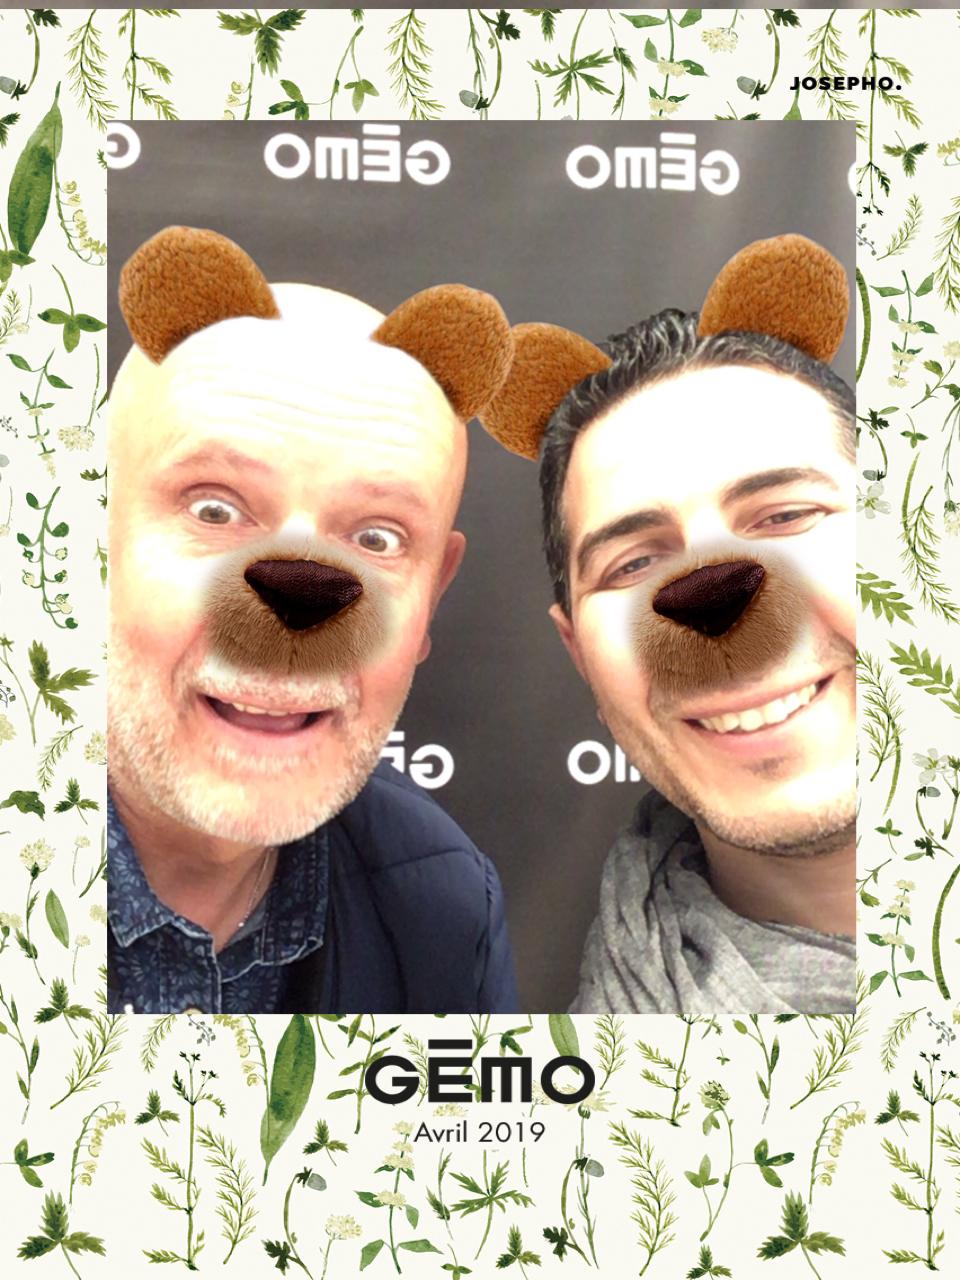 Une photo prise avec le photomaton de Josepho montre deux hommes qui sourient et qui ont un nez et des oreilles d'ours réalisés grâce à l'effet morphing du photomaton de Josepho. Le cadre de la photo est personnalisé avec le logo Gémo et la date de prise de la photo.